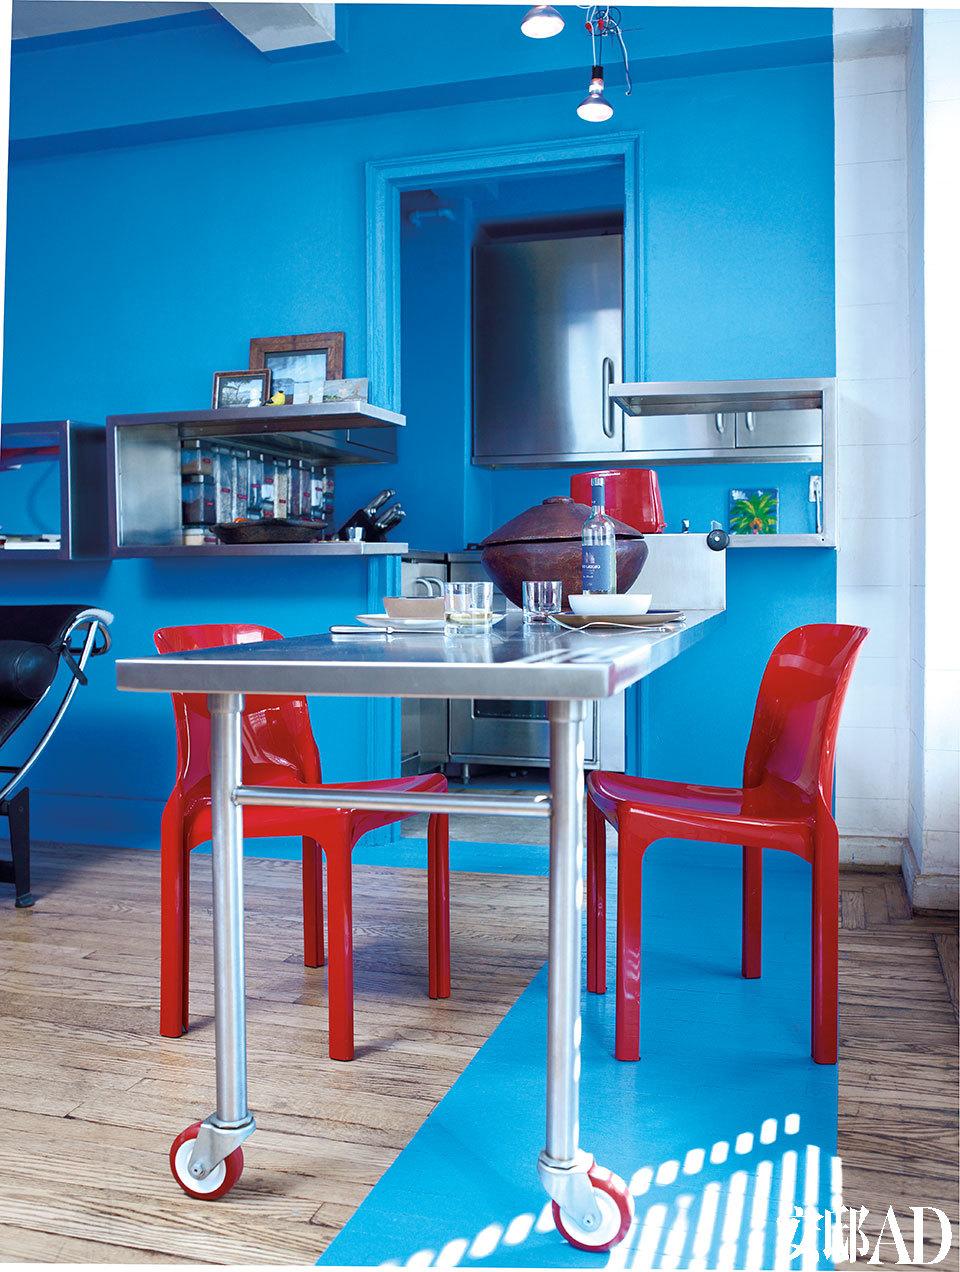 带有滚轮的餐桌能随意移动,这种弹性设计对小空间而言非常重要。地板的蓝色基底有参照位置的作用。Selene红色座椅由意大利设计师Vico Magistretti设计。厨房架子上的瓶瓶罐罐都被主人打上了标签。